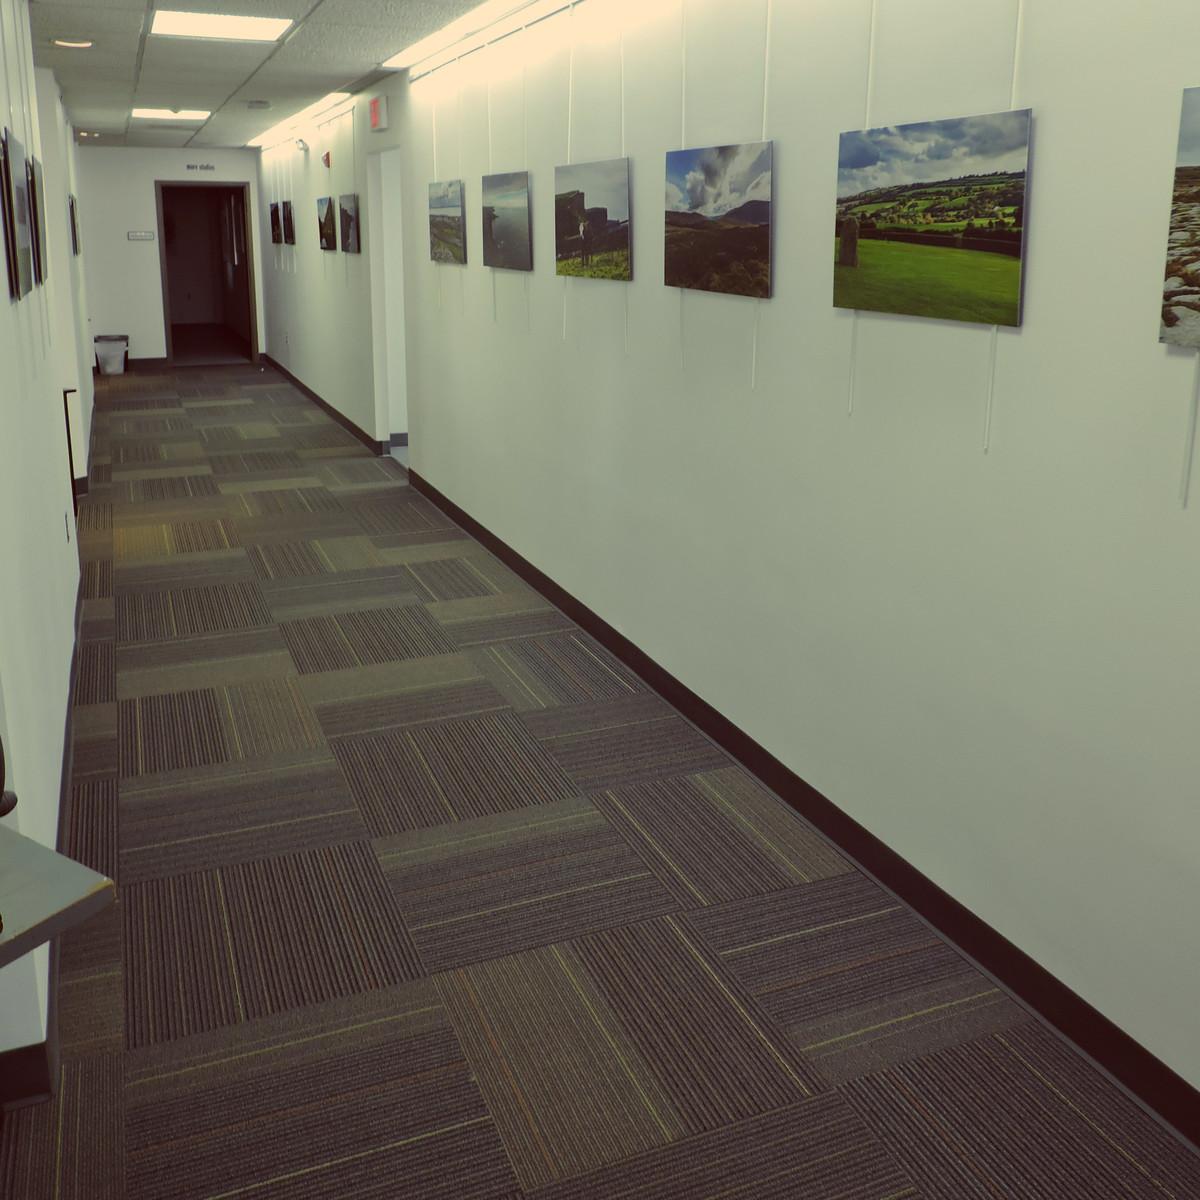 1200x800 hallway gallery 2 wa